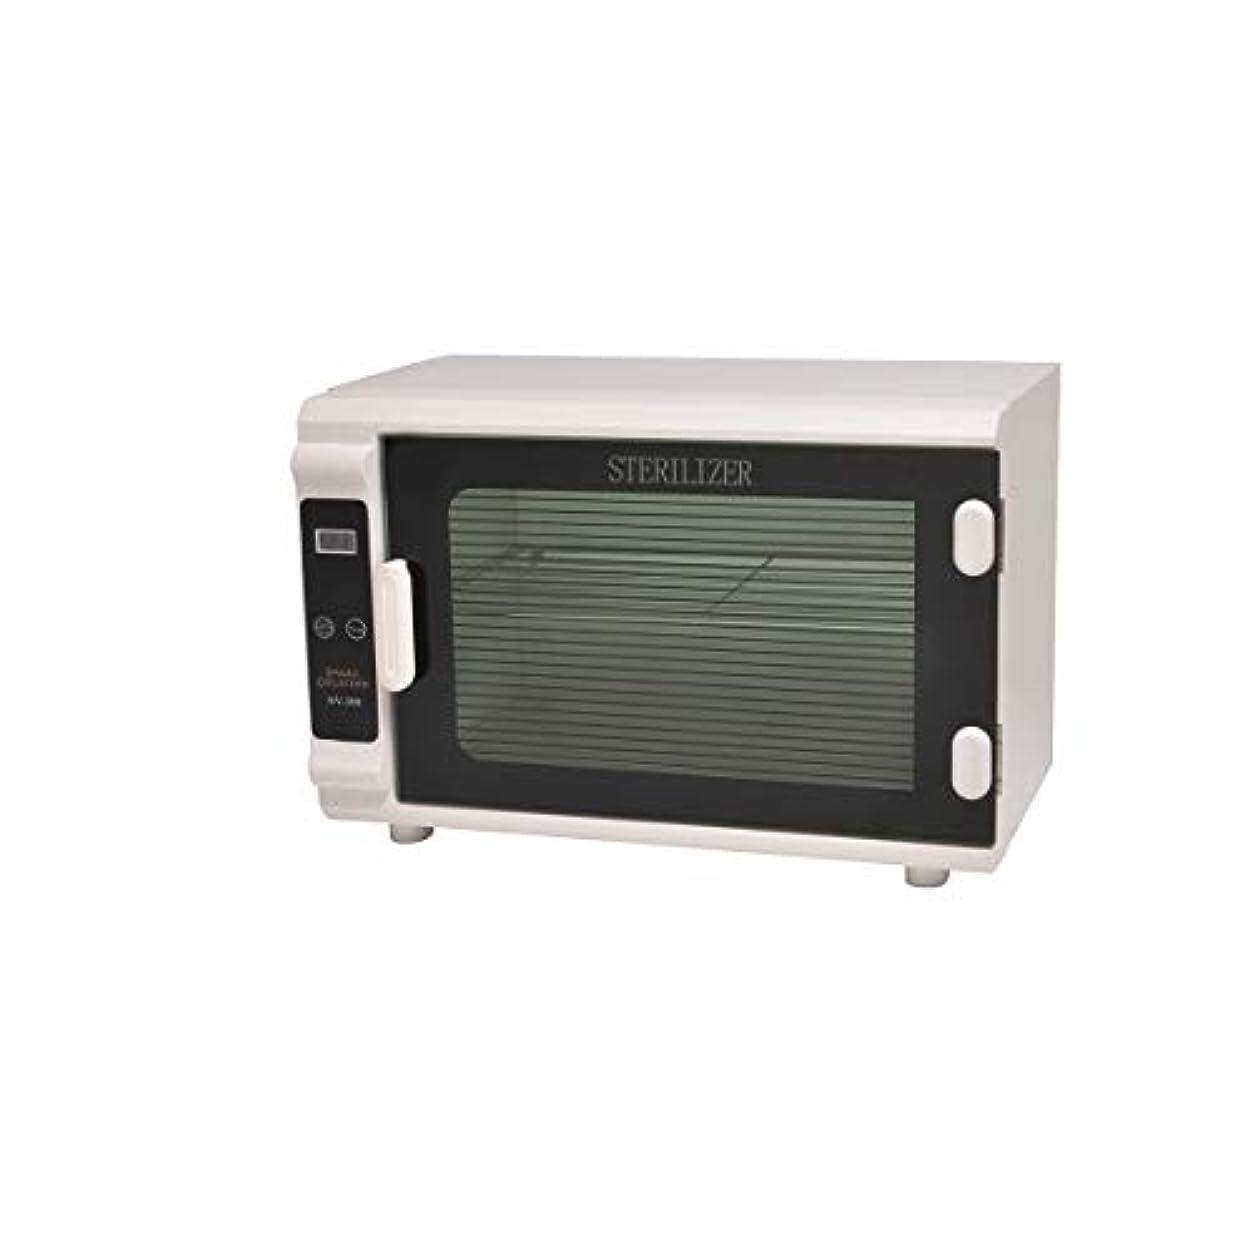 船尾仮定する検閲タイマー付紫外線消毒器NV-308EX(PHILIPS社製ライト採用)